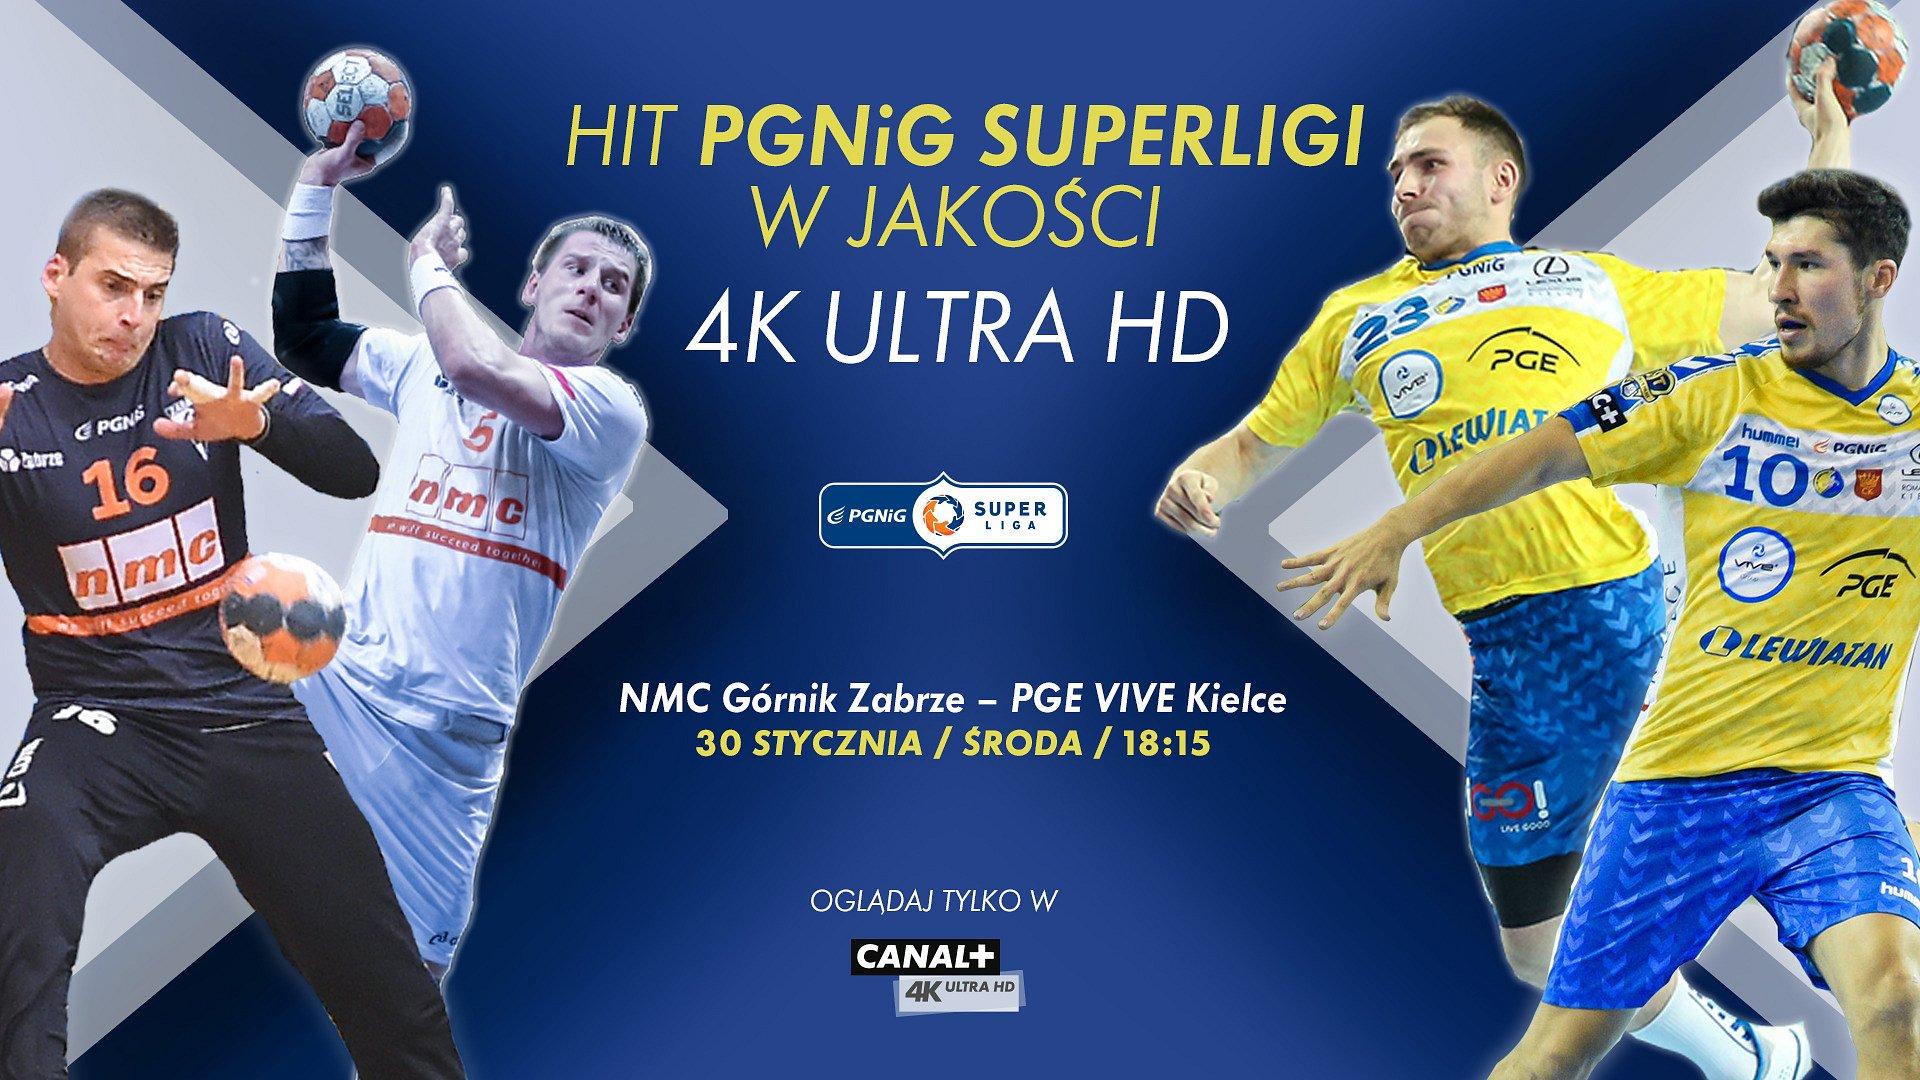 Pierwszy w historii polskiego sportu halowego mecz w 4K UHD tylko w nc+